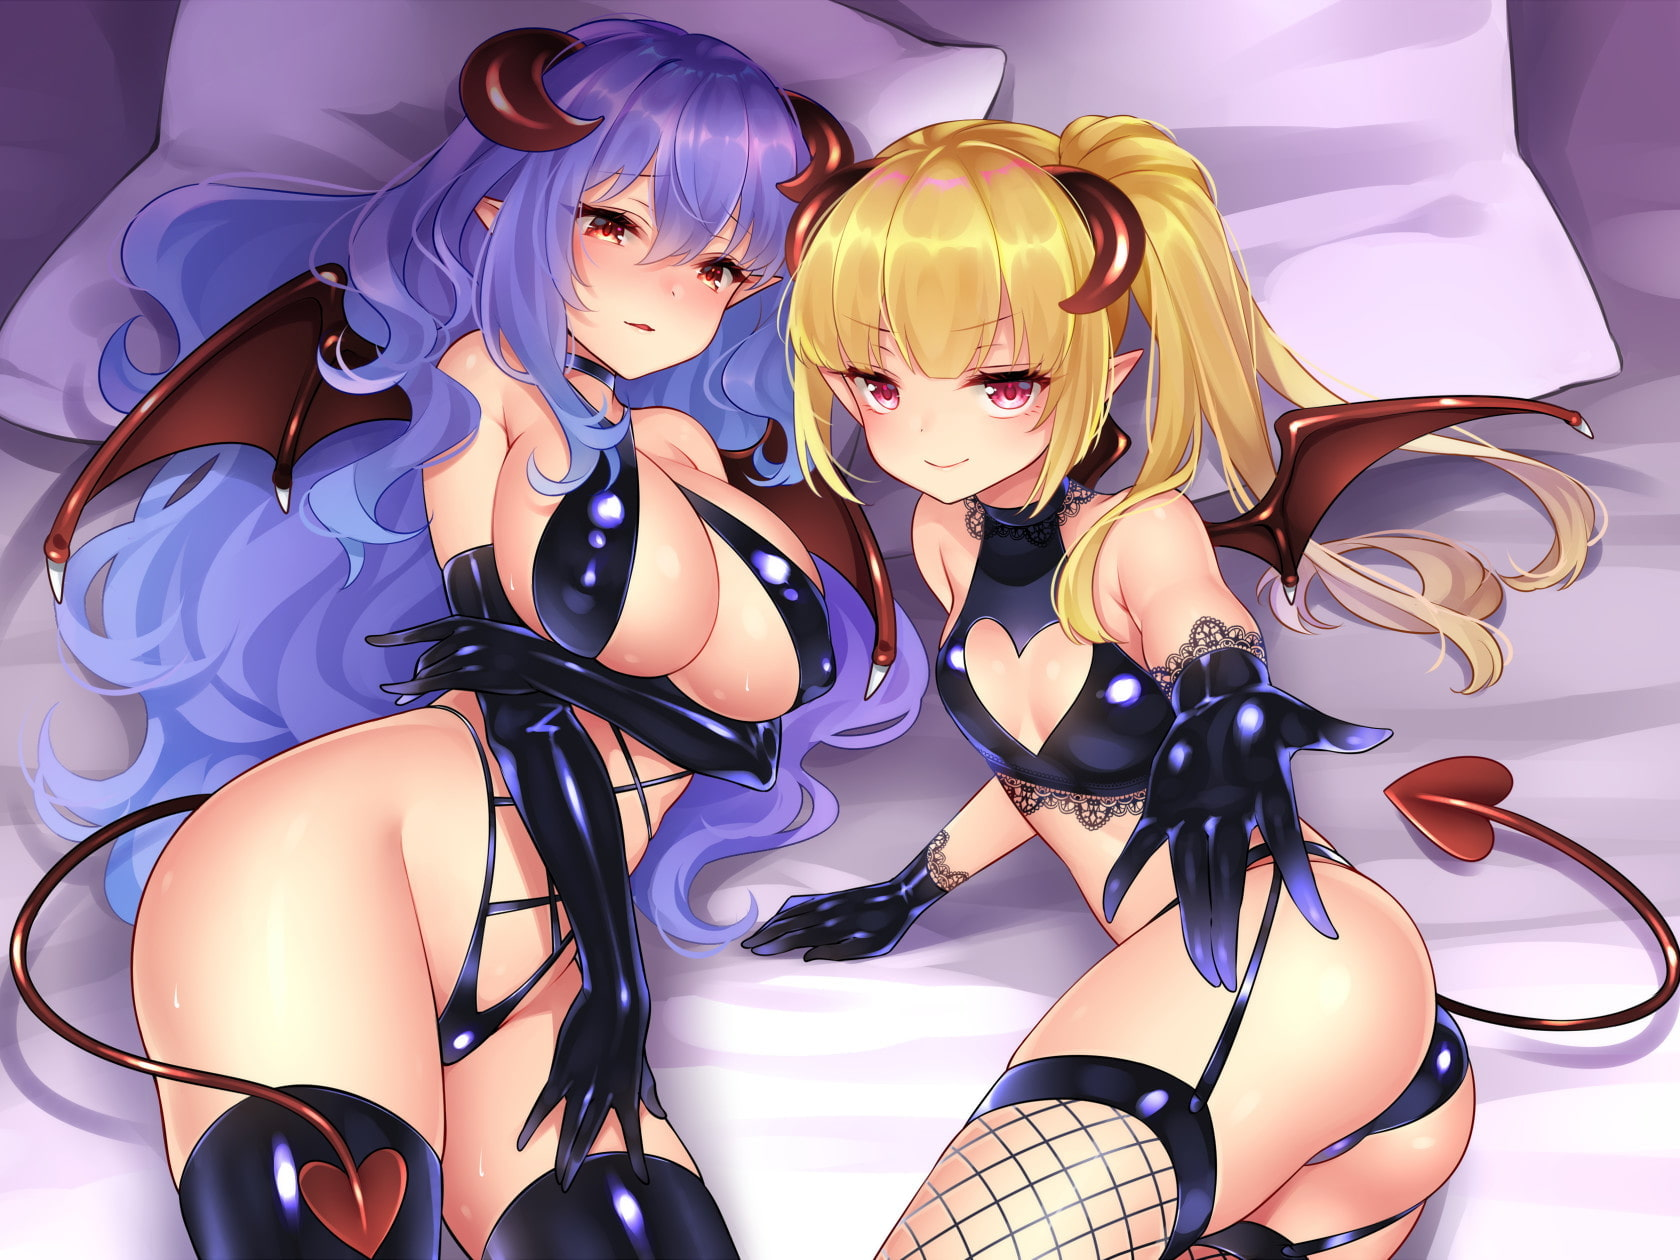 RJ317157 ダブルサキュバスのツン甘搾精~ツンデレ・甘々どっちを選ぶ~ [20210313]